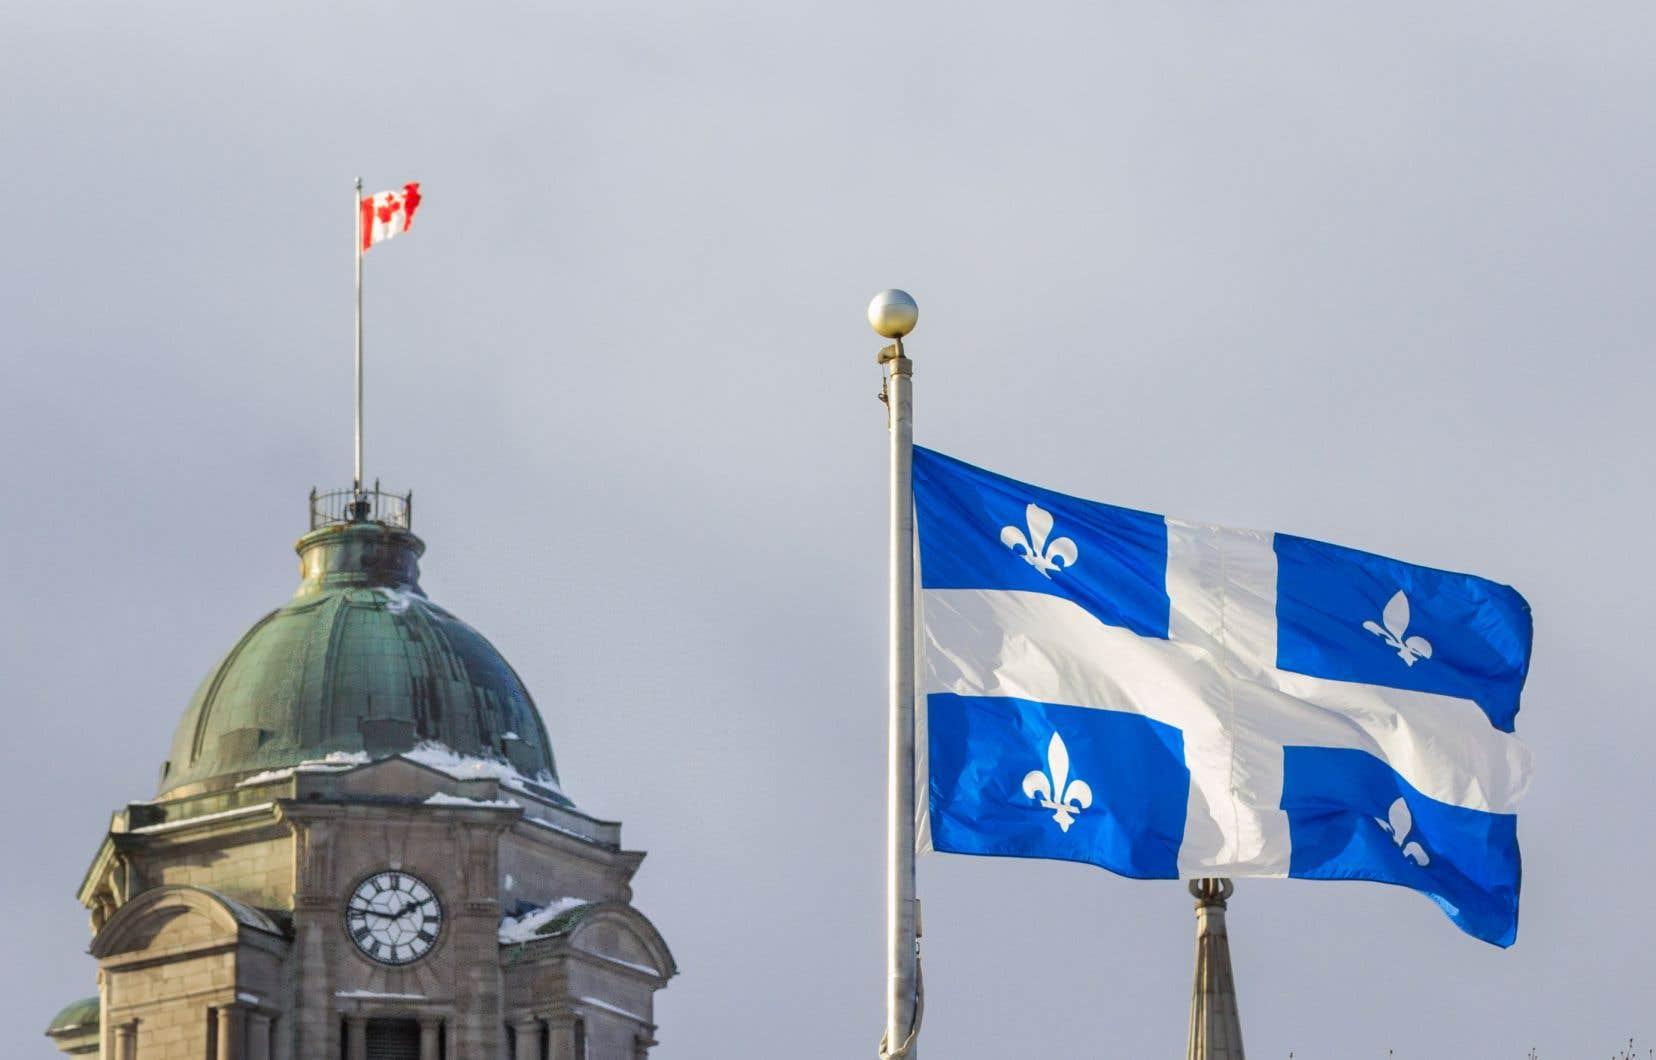 «Bien que le Québec soit entièrement libre d'adopter ses propres lois sociales sans le gouvernement fédéral, comme il l'a fait de nombreuses fois, il serait dommage de passer à côté d'une possibilité de s'améliorer, même si c'est en réponse à une loi fédérale», écrivent les auteurs.